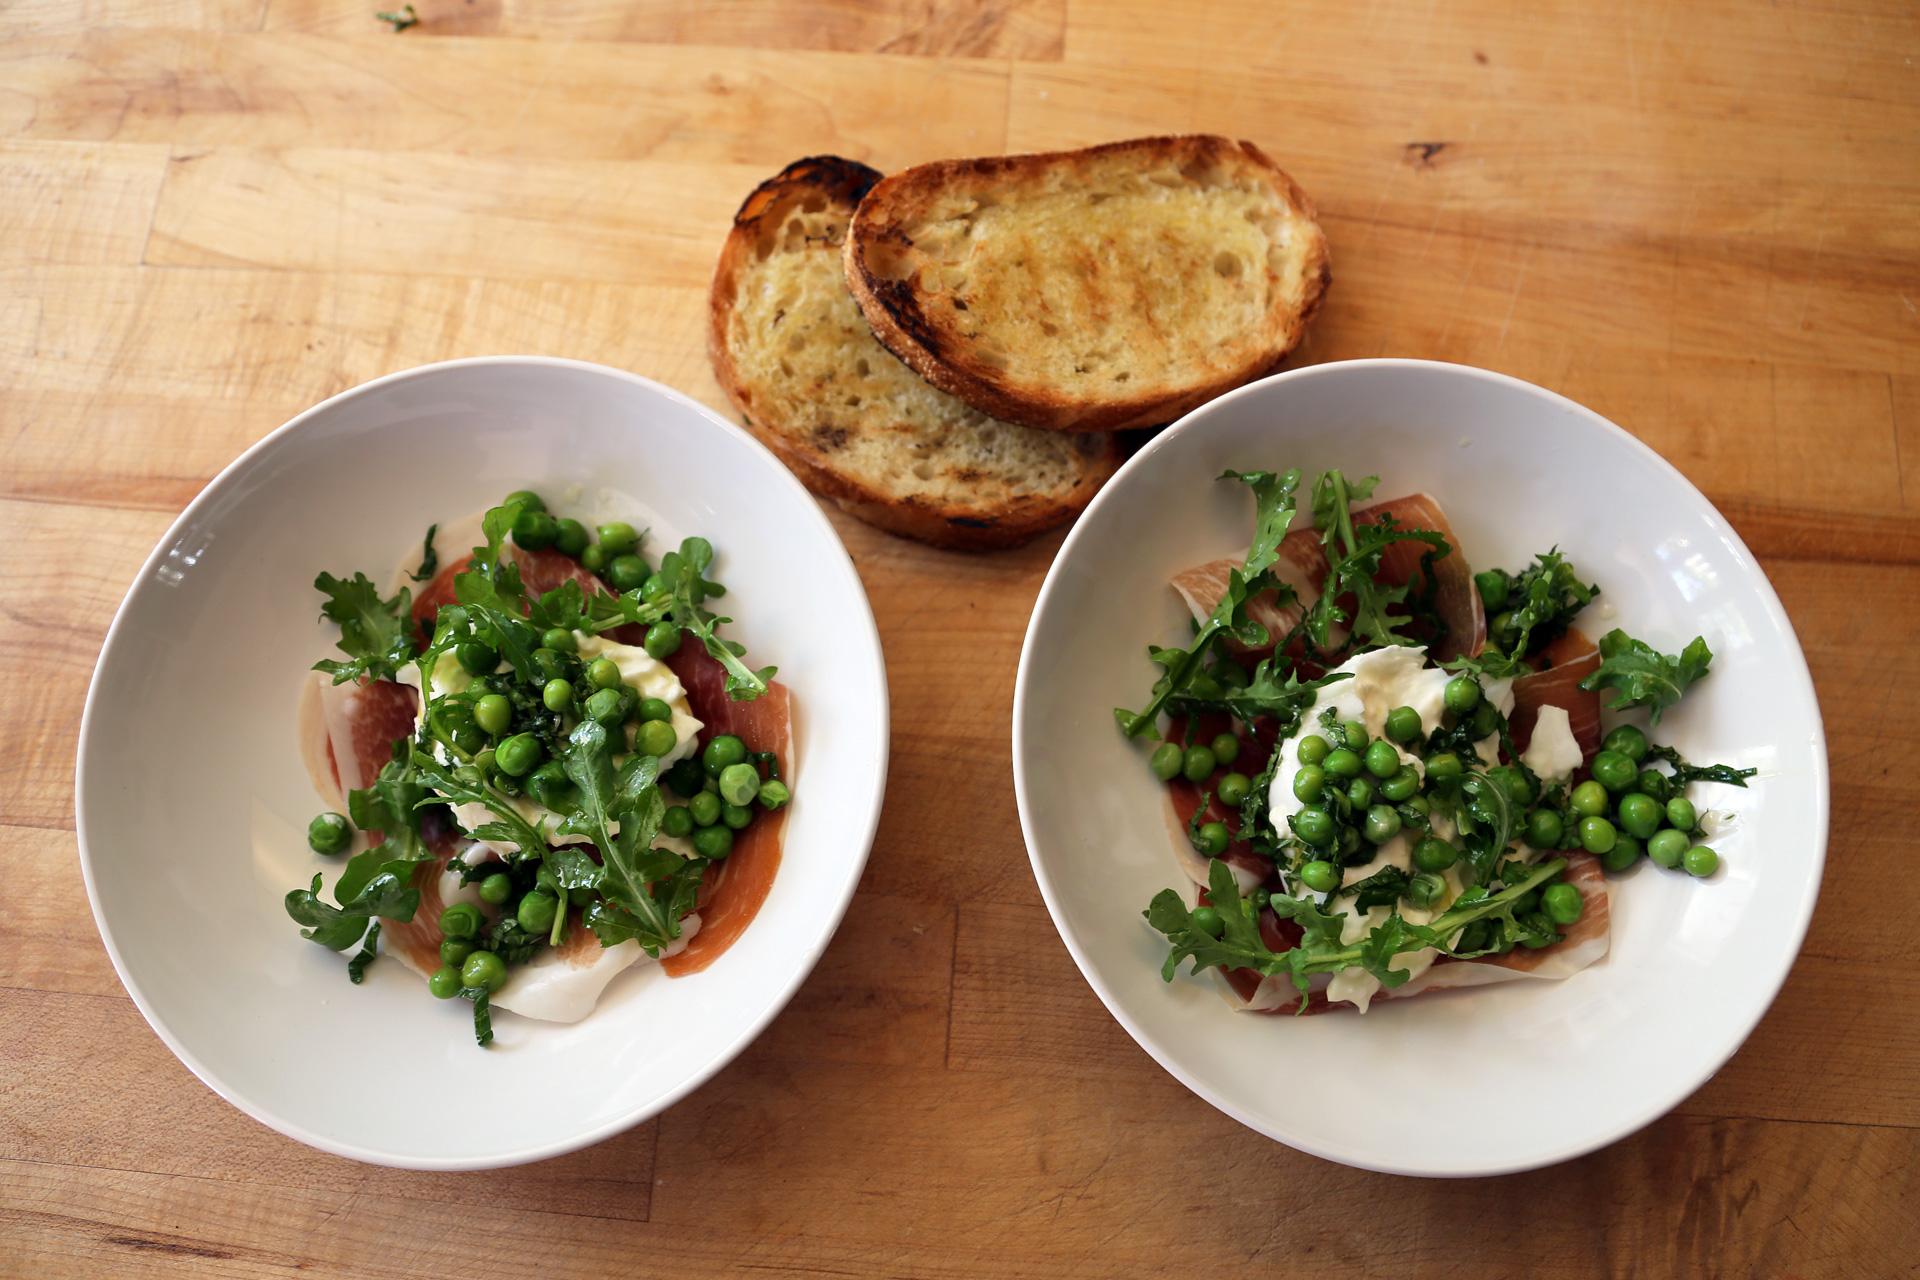 Burrata, Peas, Mint, Speck and Arugula Salad with Grilled Toast